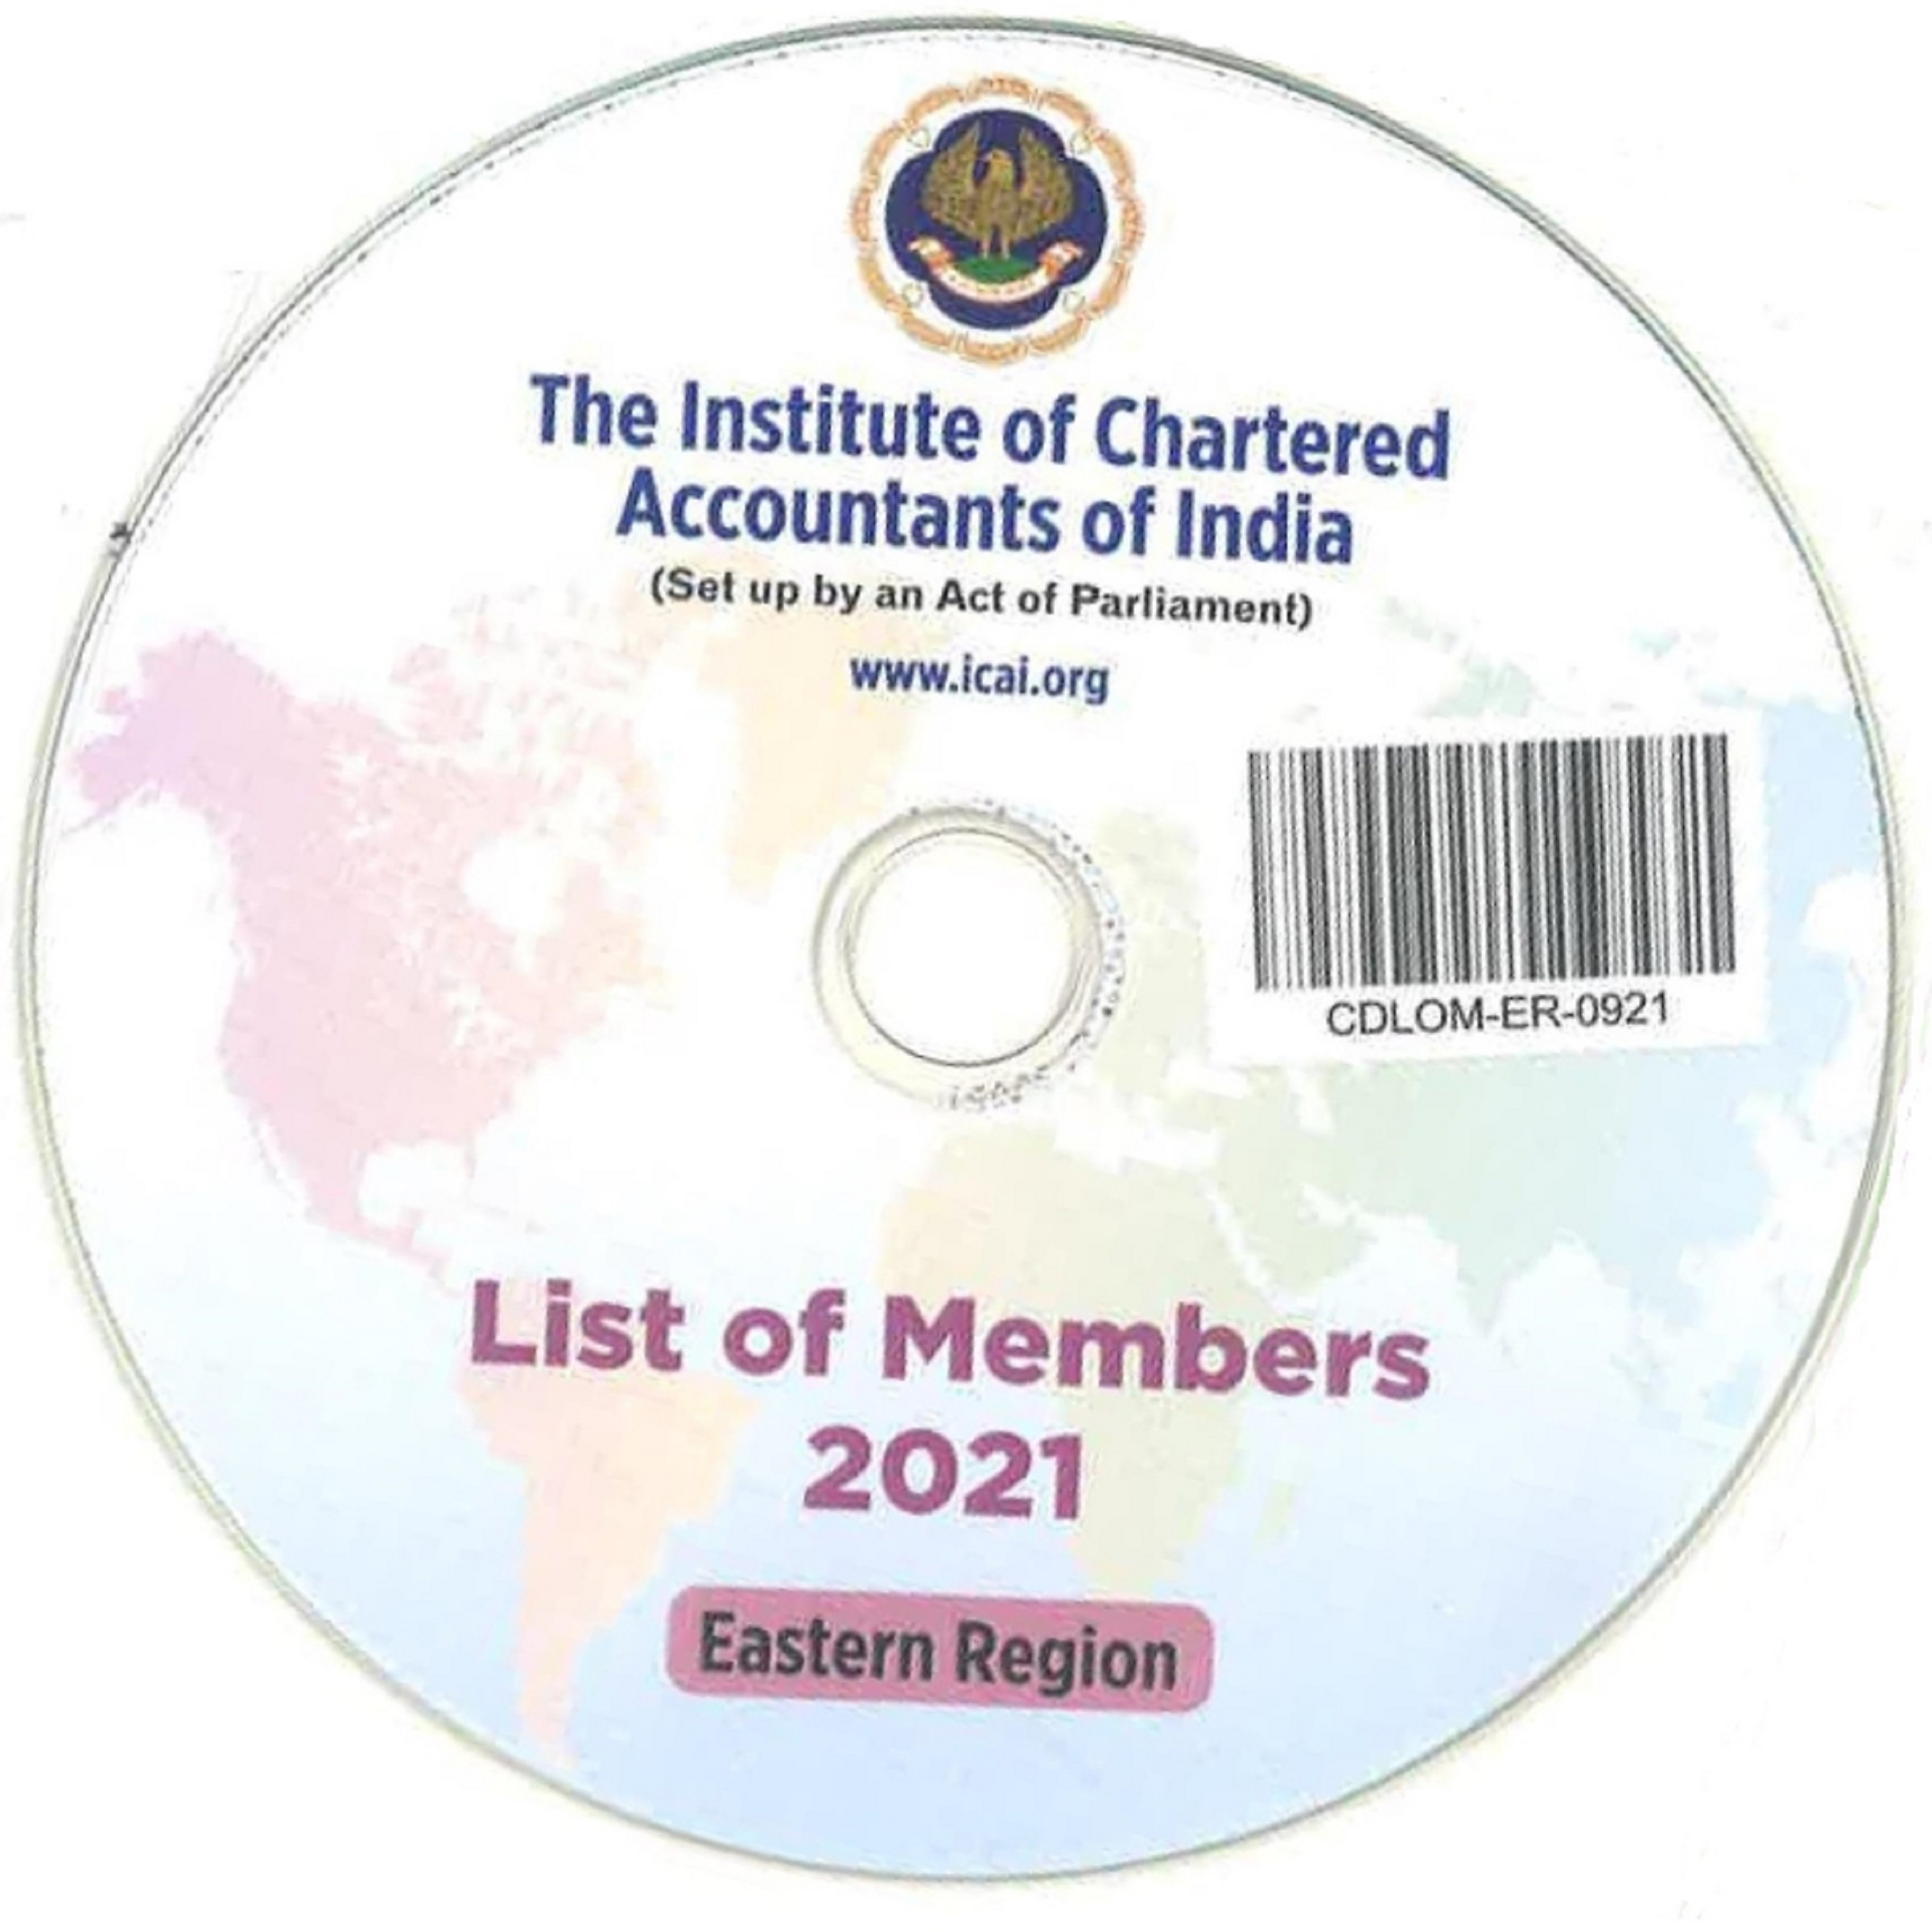 CD-List of Members, 2021 (Eastern Region)